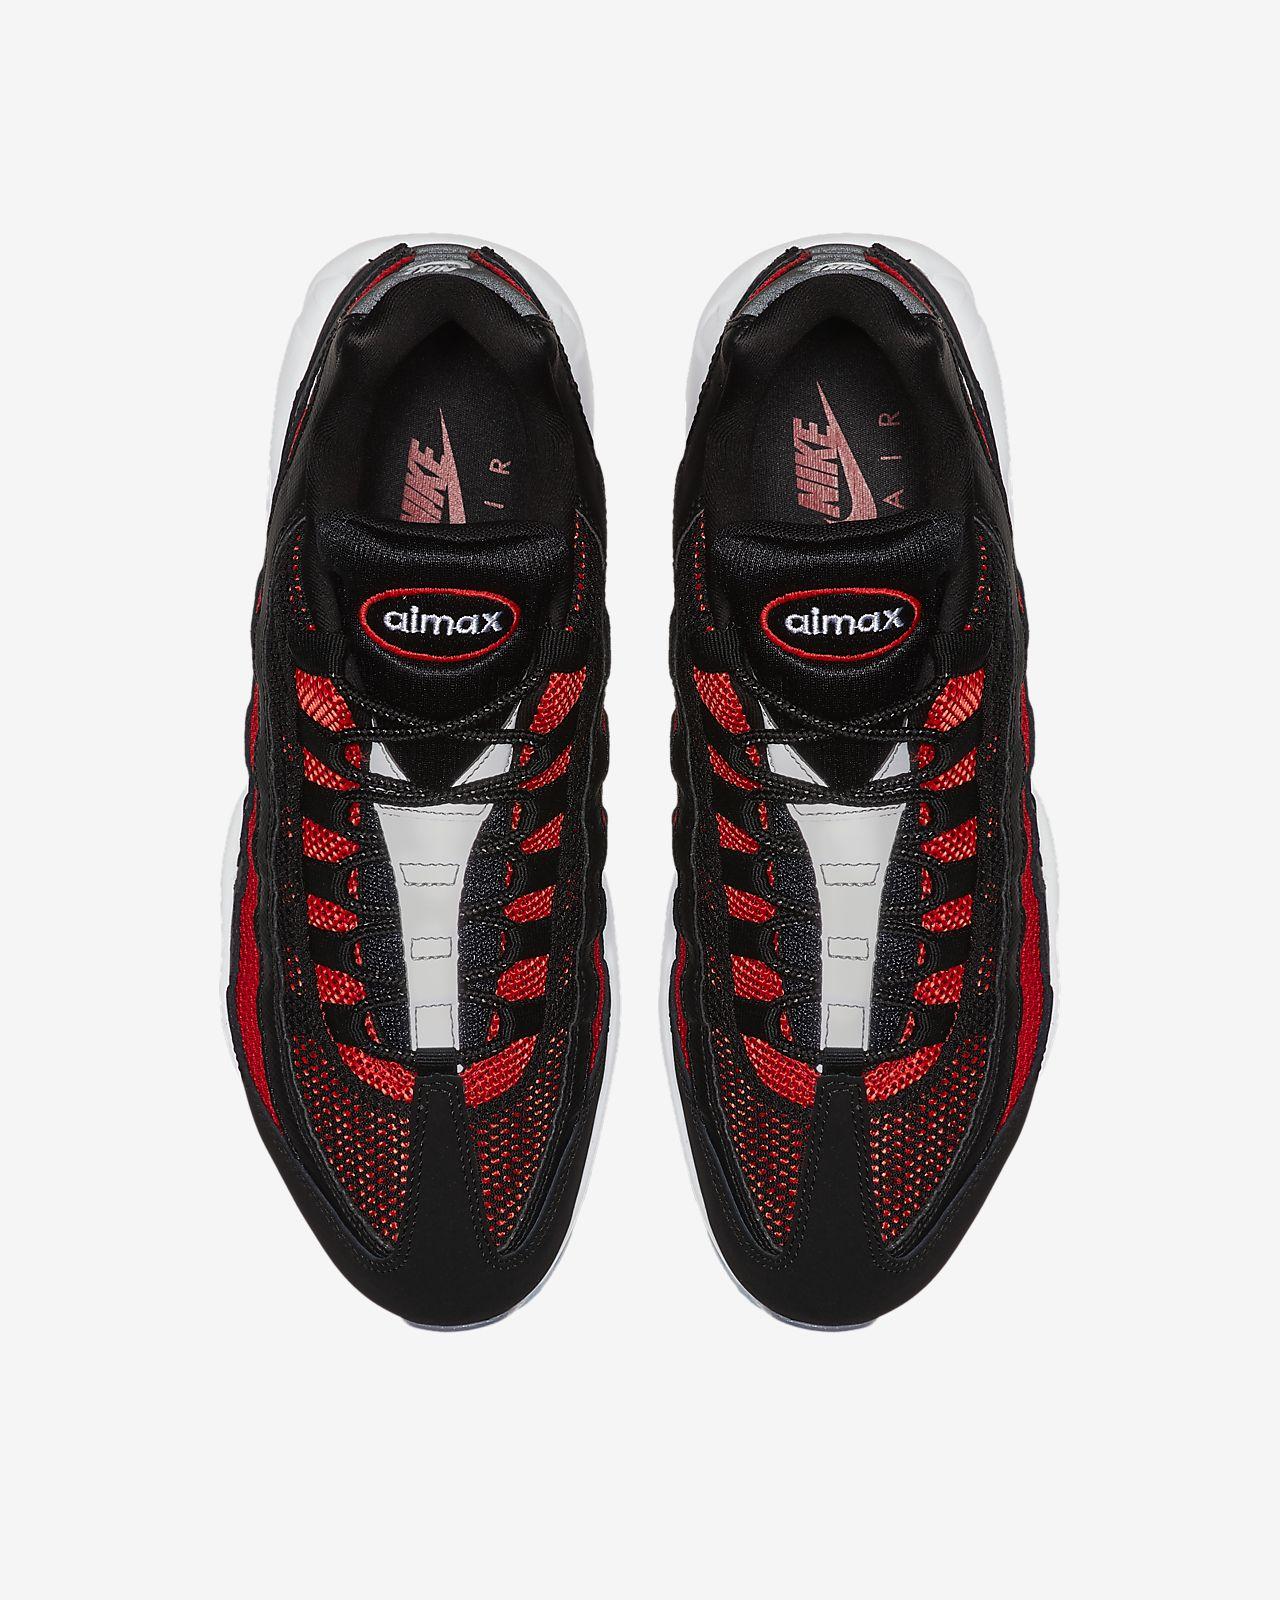 wholesale dealer c5d0a 3d89a ... Chaussure Nike Air Max 95 Essential pour Homme